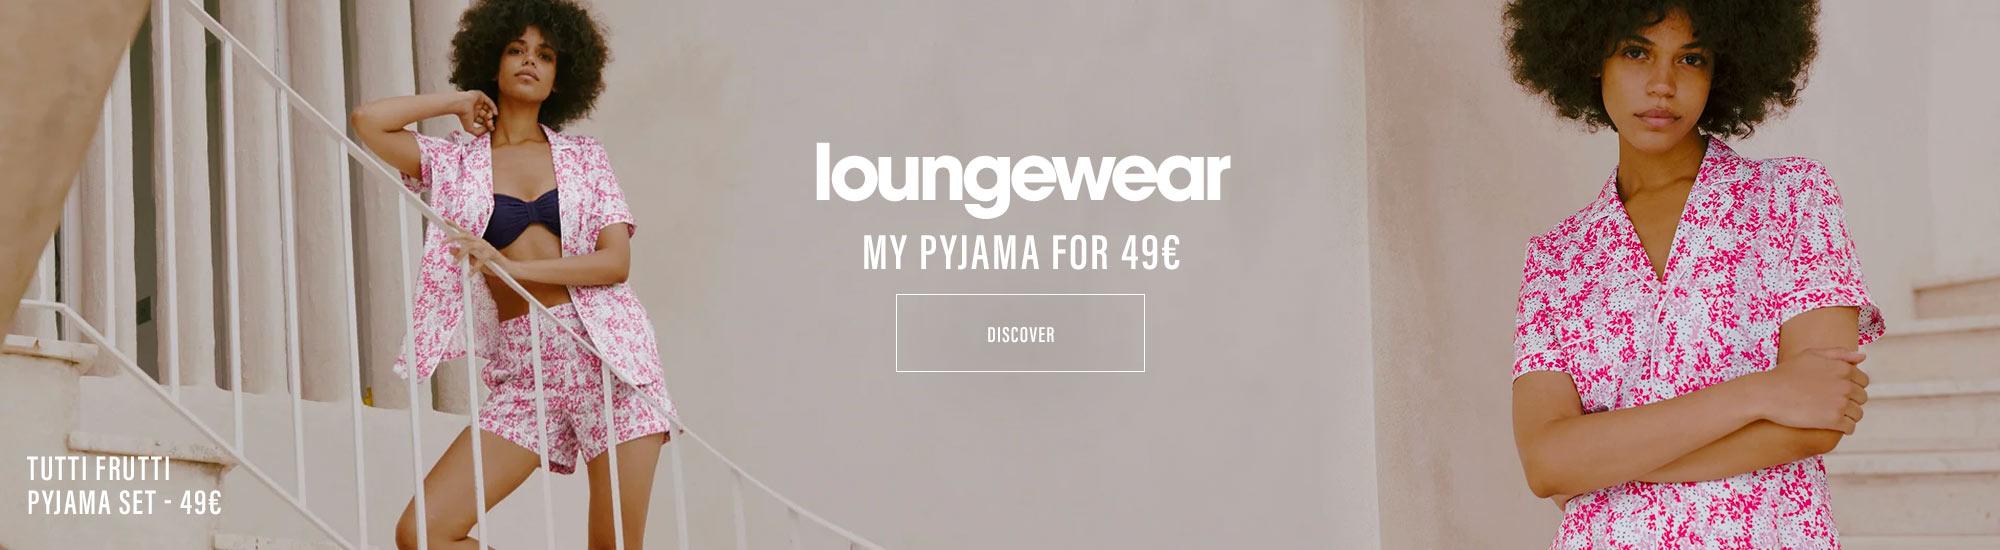 Tutti Frutti - My pyjama for 49€